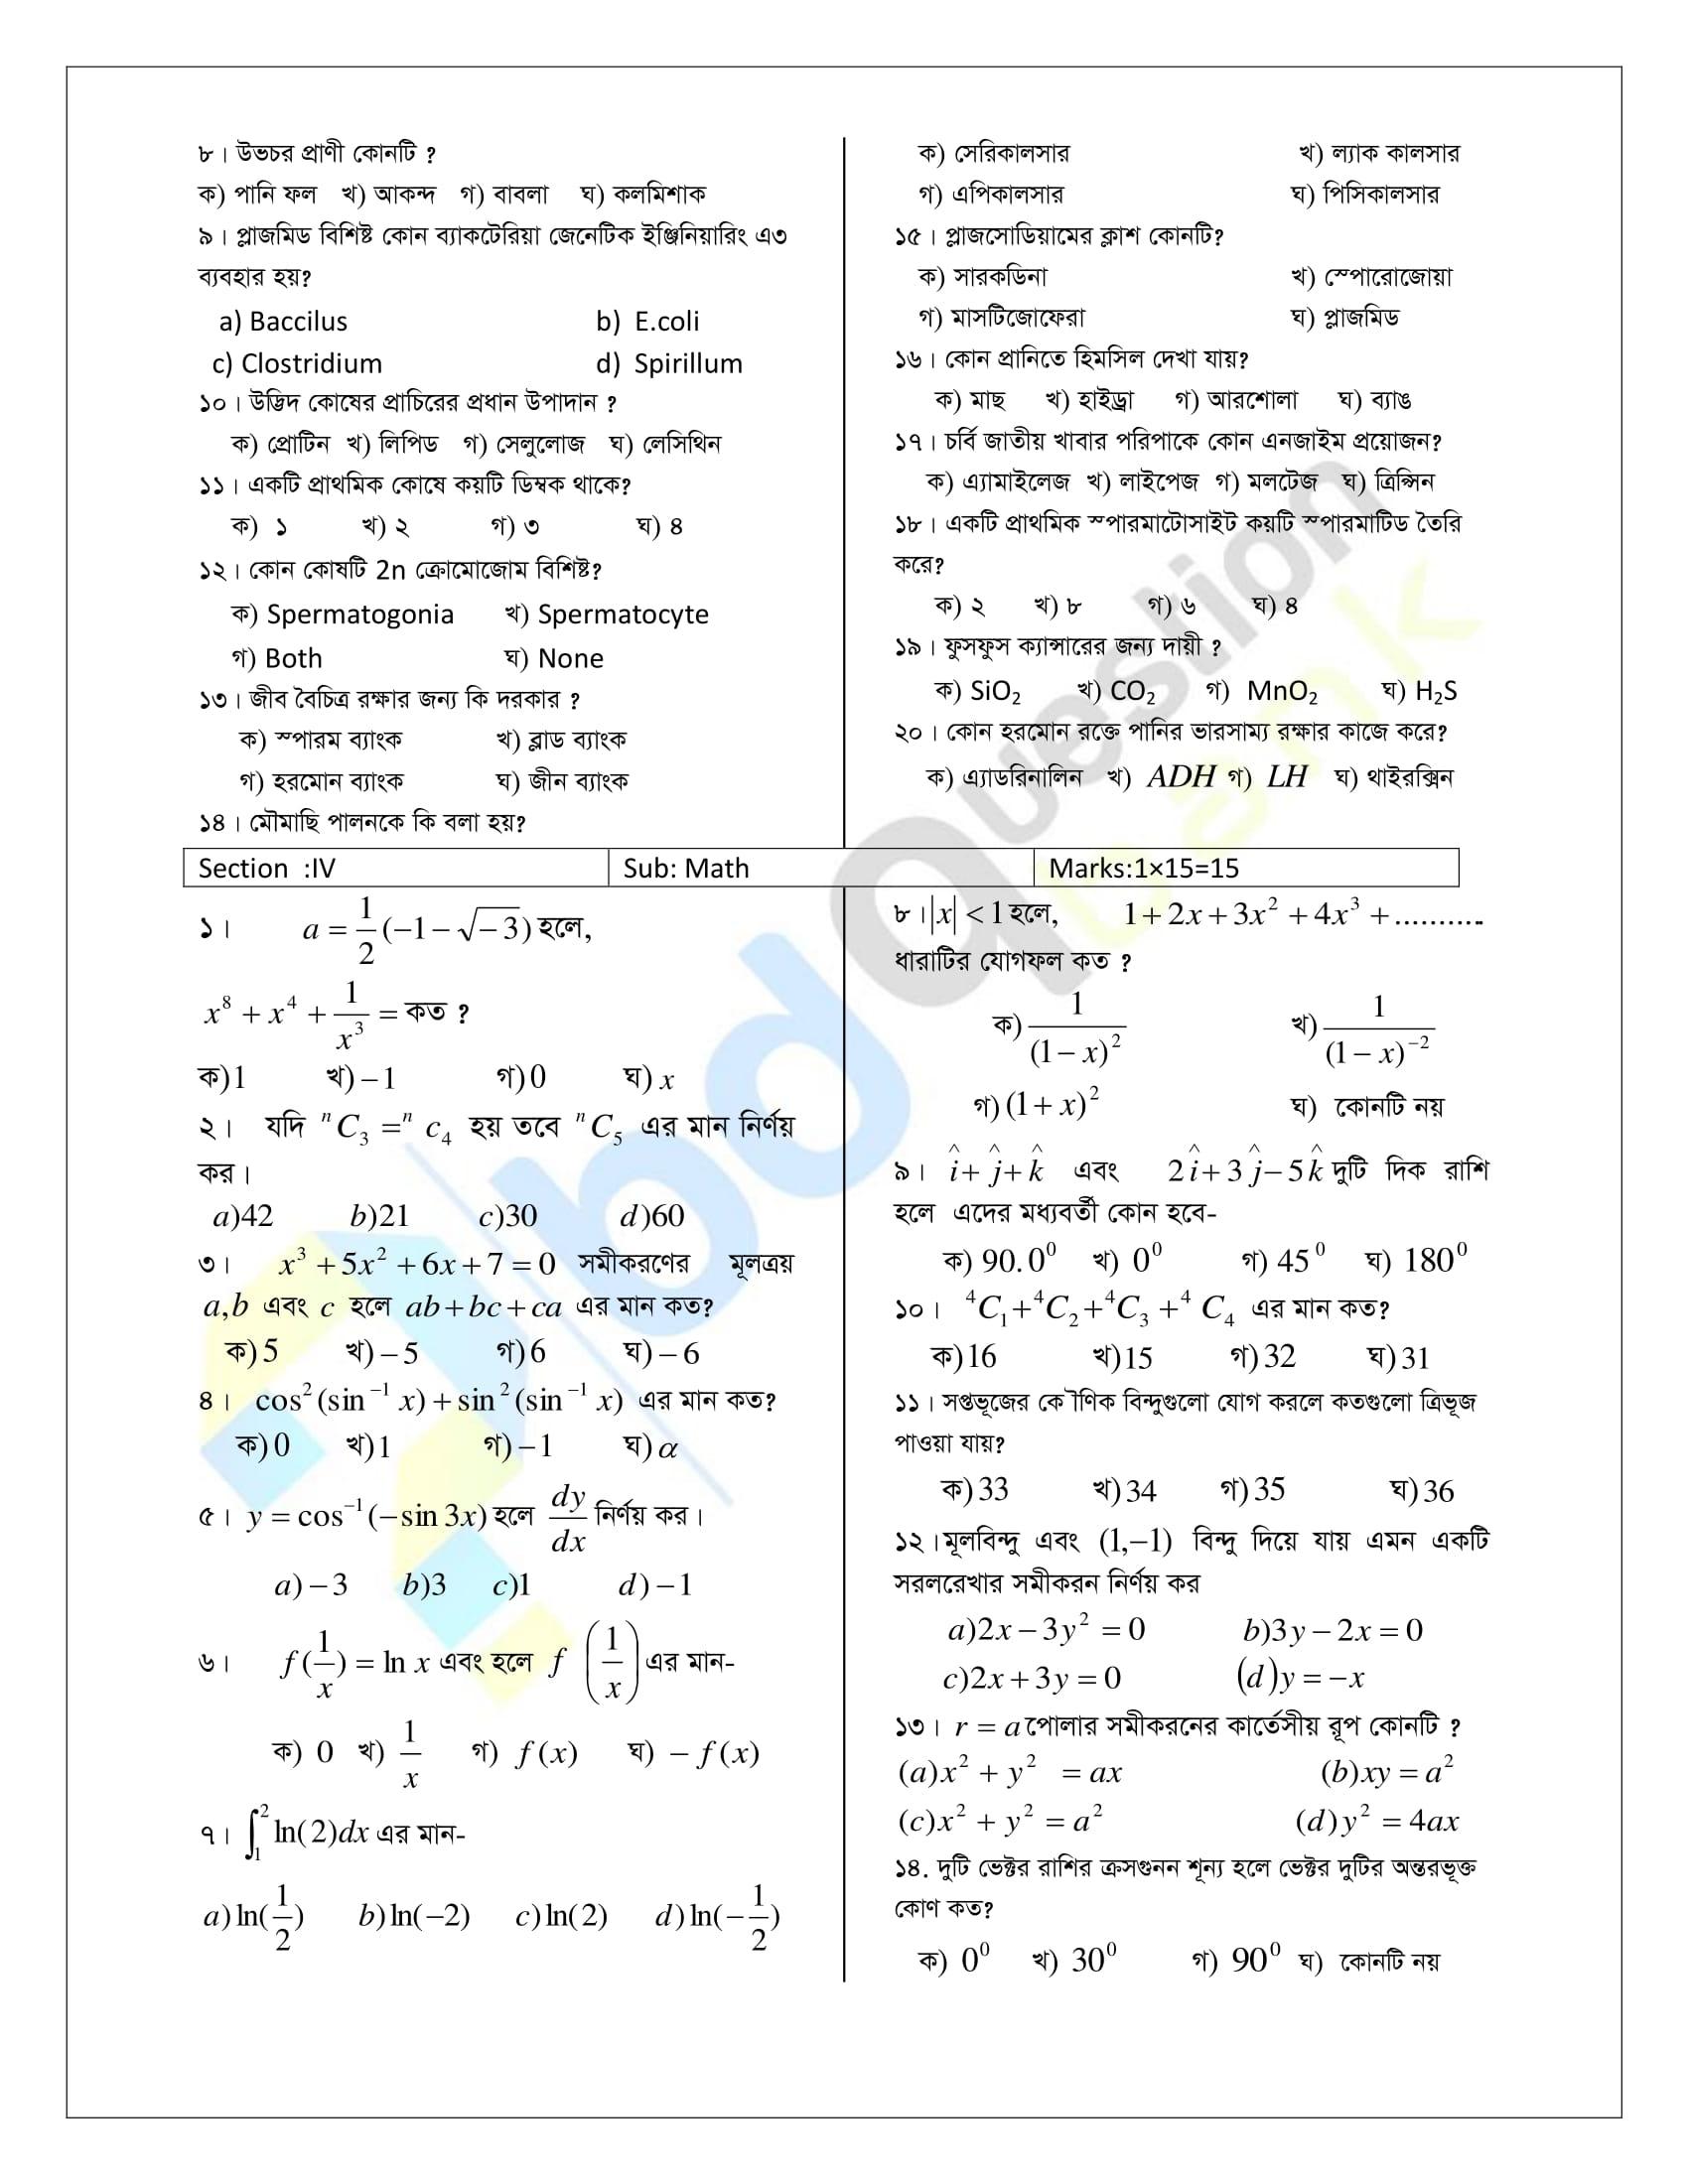 """পটুয়াখালী বিজ্ঞান ও প্রযুক্তি বিশ্ববিদ্যালয়( পবিপ্রবি) ভর্তি পরীক্ষার প্রশ্ন ও উত্তর """"এ"""" ইউনিট সেশন -২০১৩-২০১৪"""